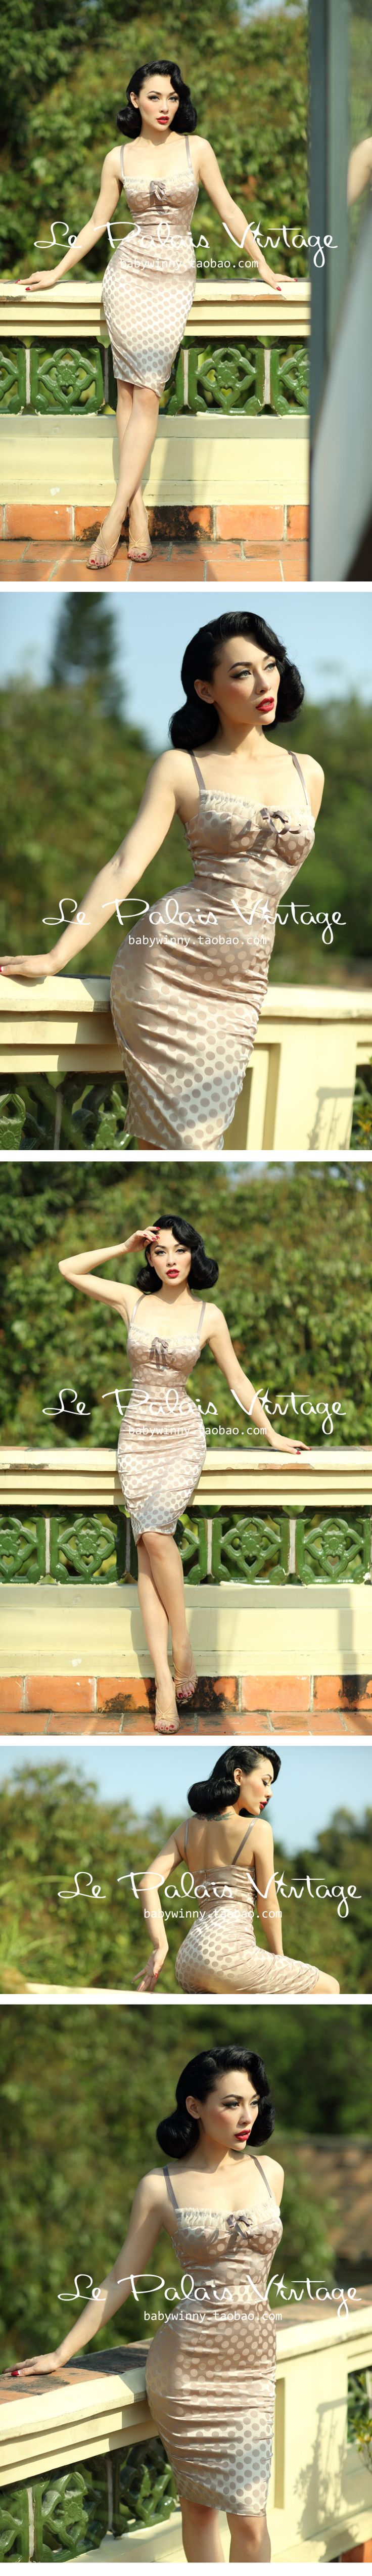 le palais vintage 优雅性感复古波点裸色紧身胸衣式连衣裙 0.2-淘宝网